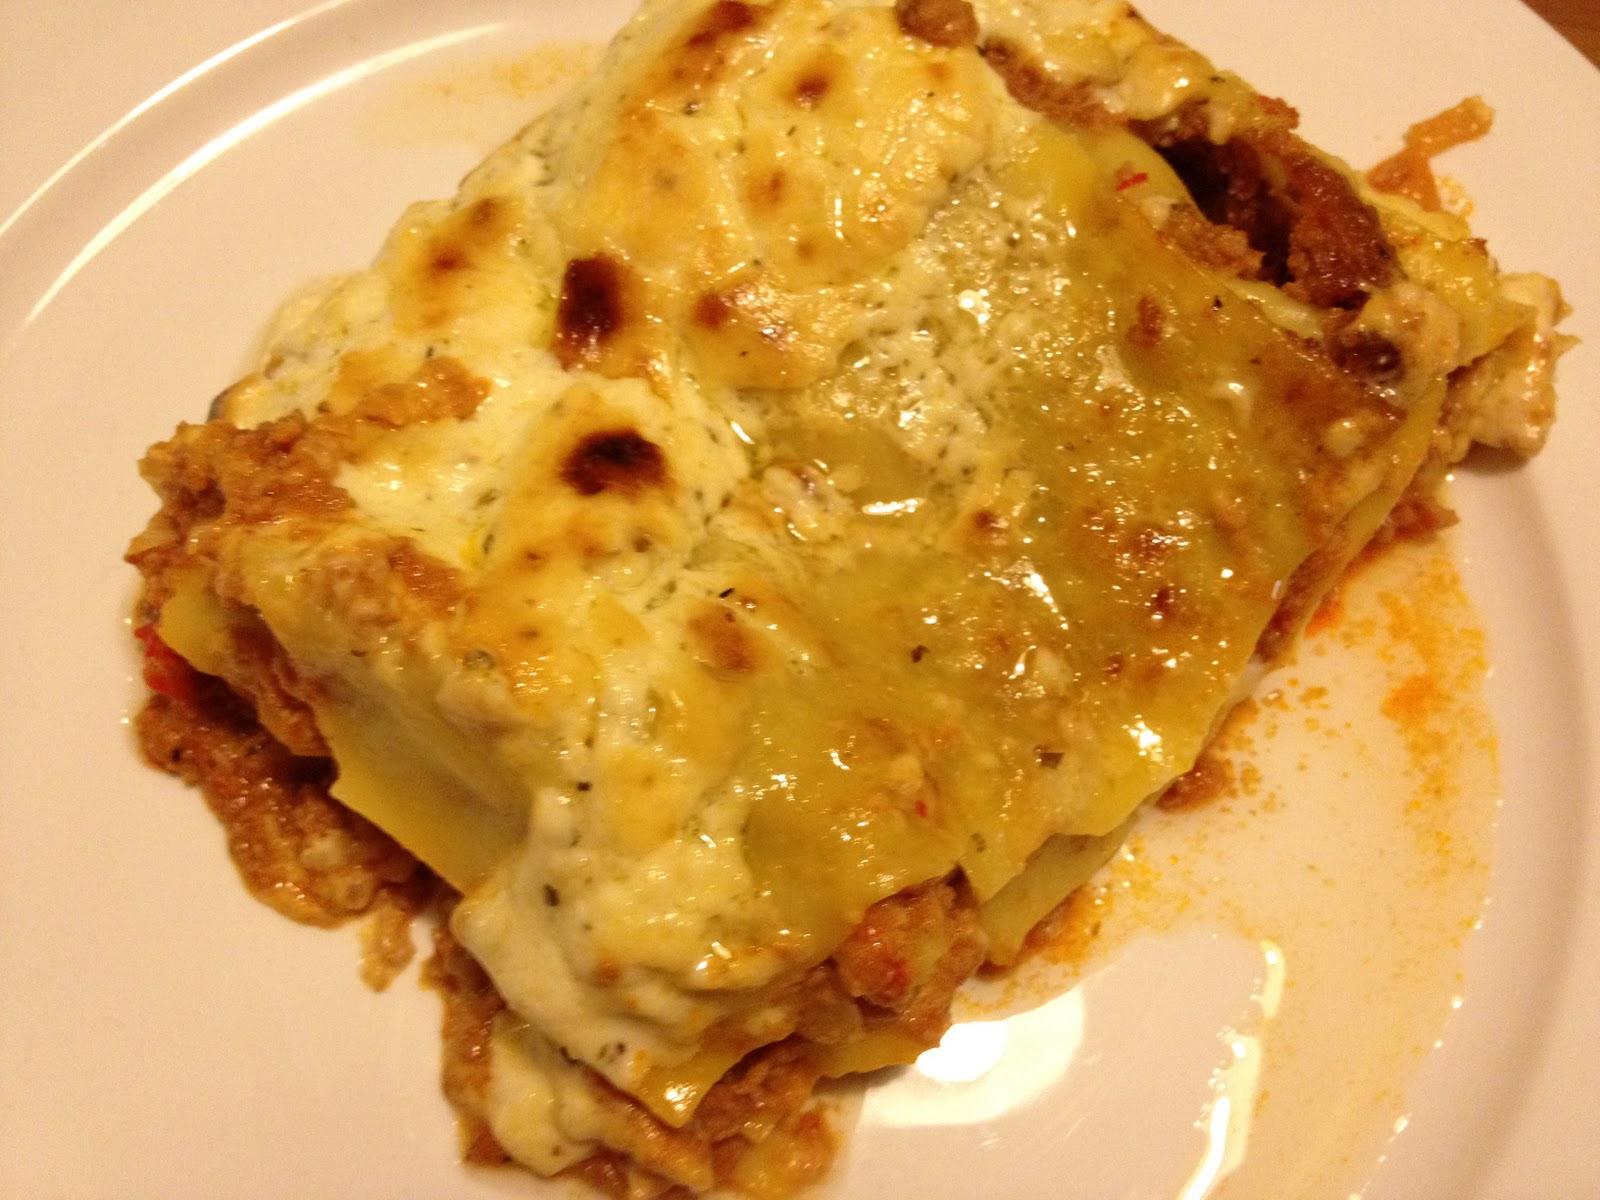 365 rezepte every day a new meal 17 dezember 2011 pizzabaguette lasagne. Black Bedroom Furniture Sets. Home Design Ideas